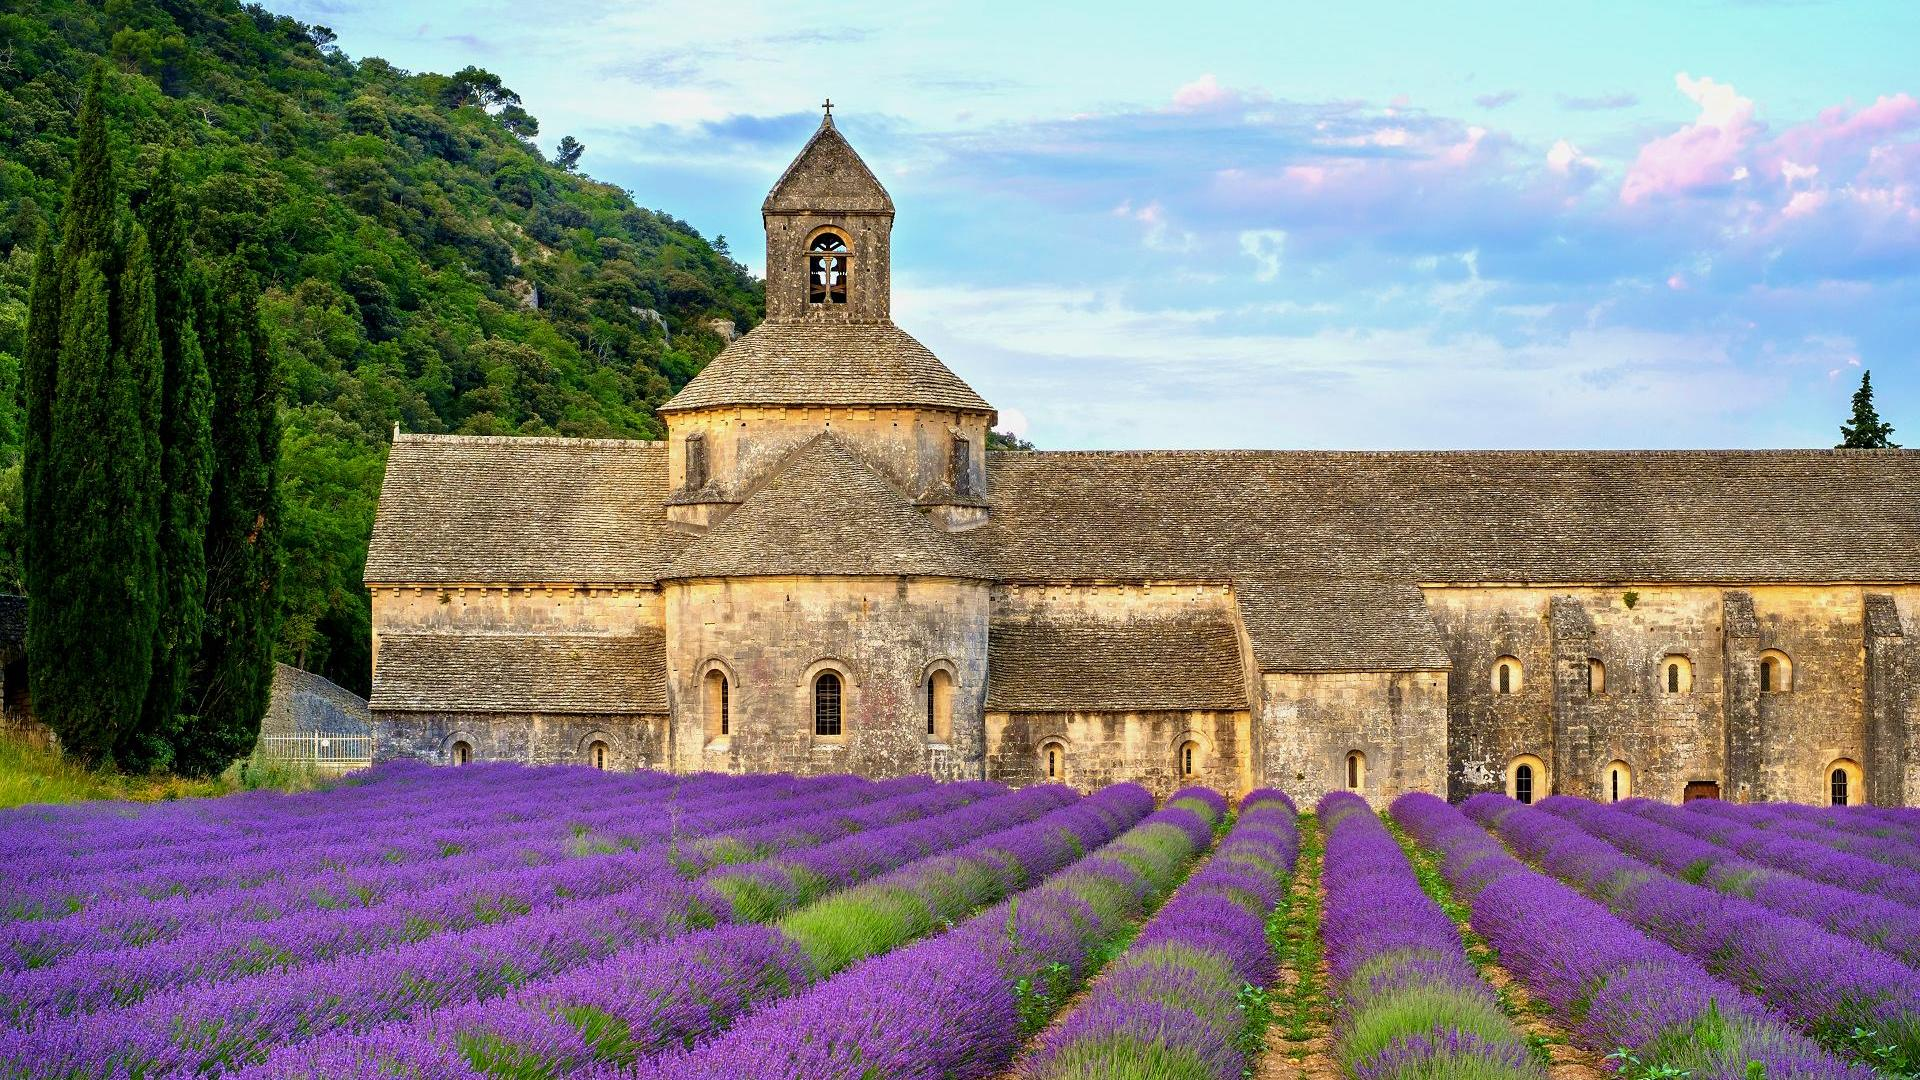 Heiraten im Ausland in der Provence auf einem Lavendelfeld